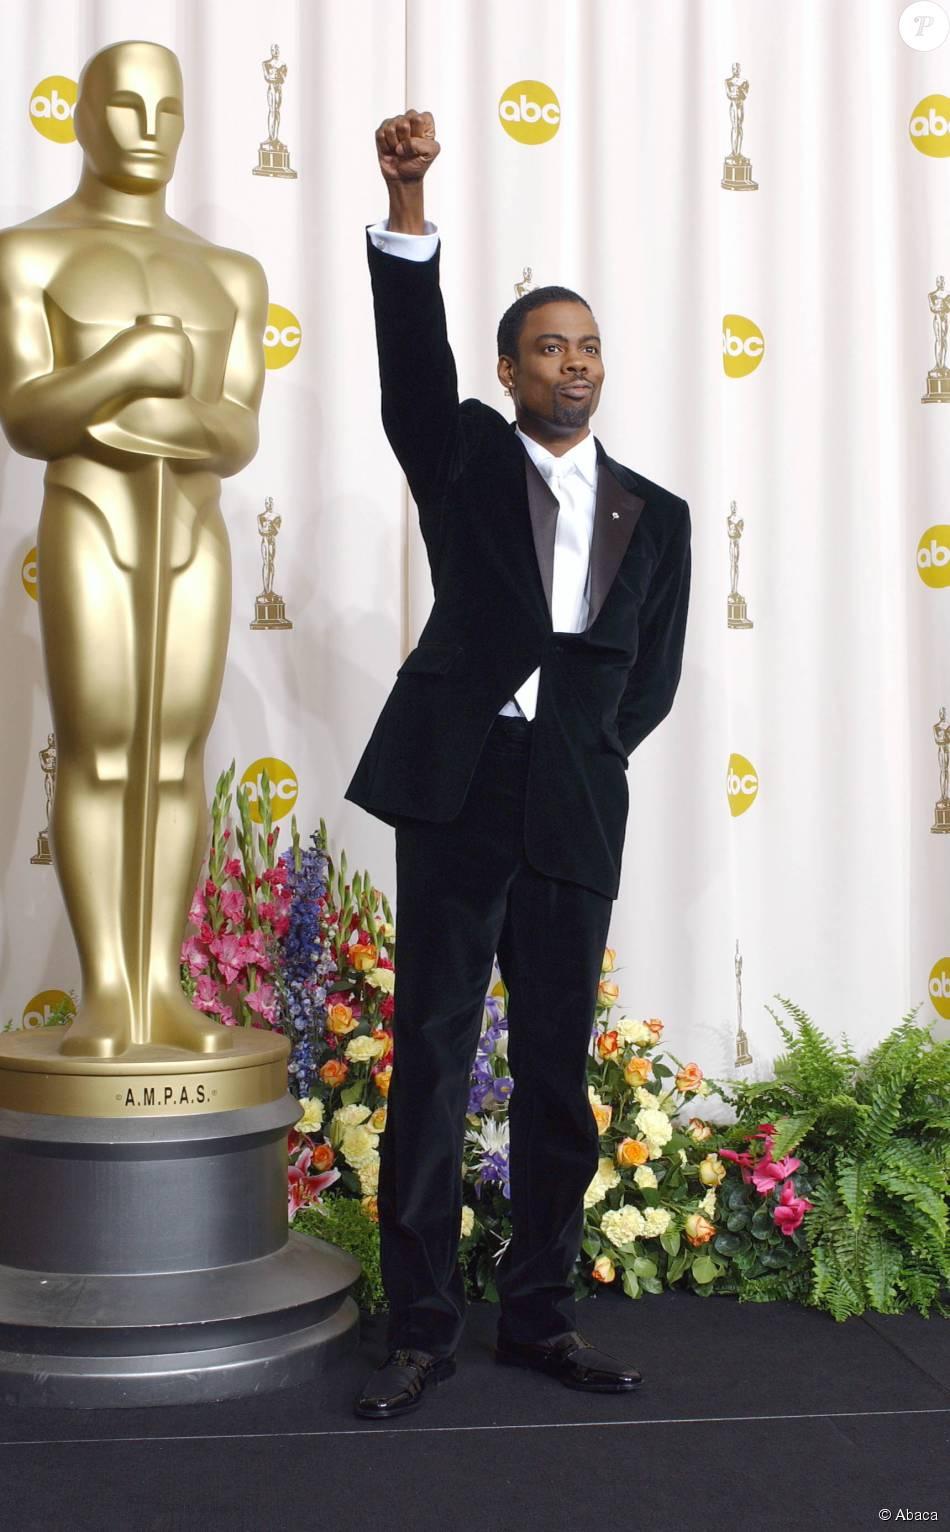 Chris Rock lors des Oscars 2005 qu'il animait pour la première fois.